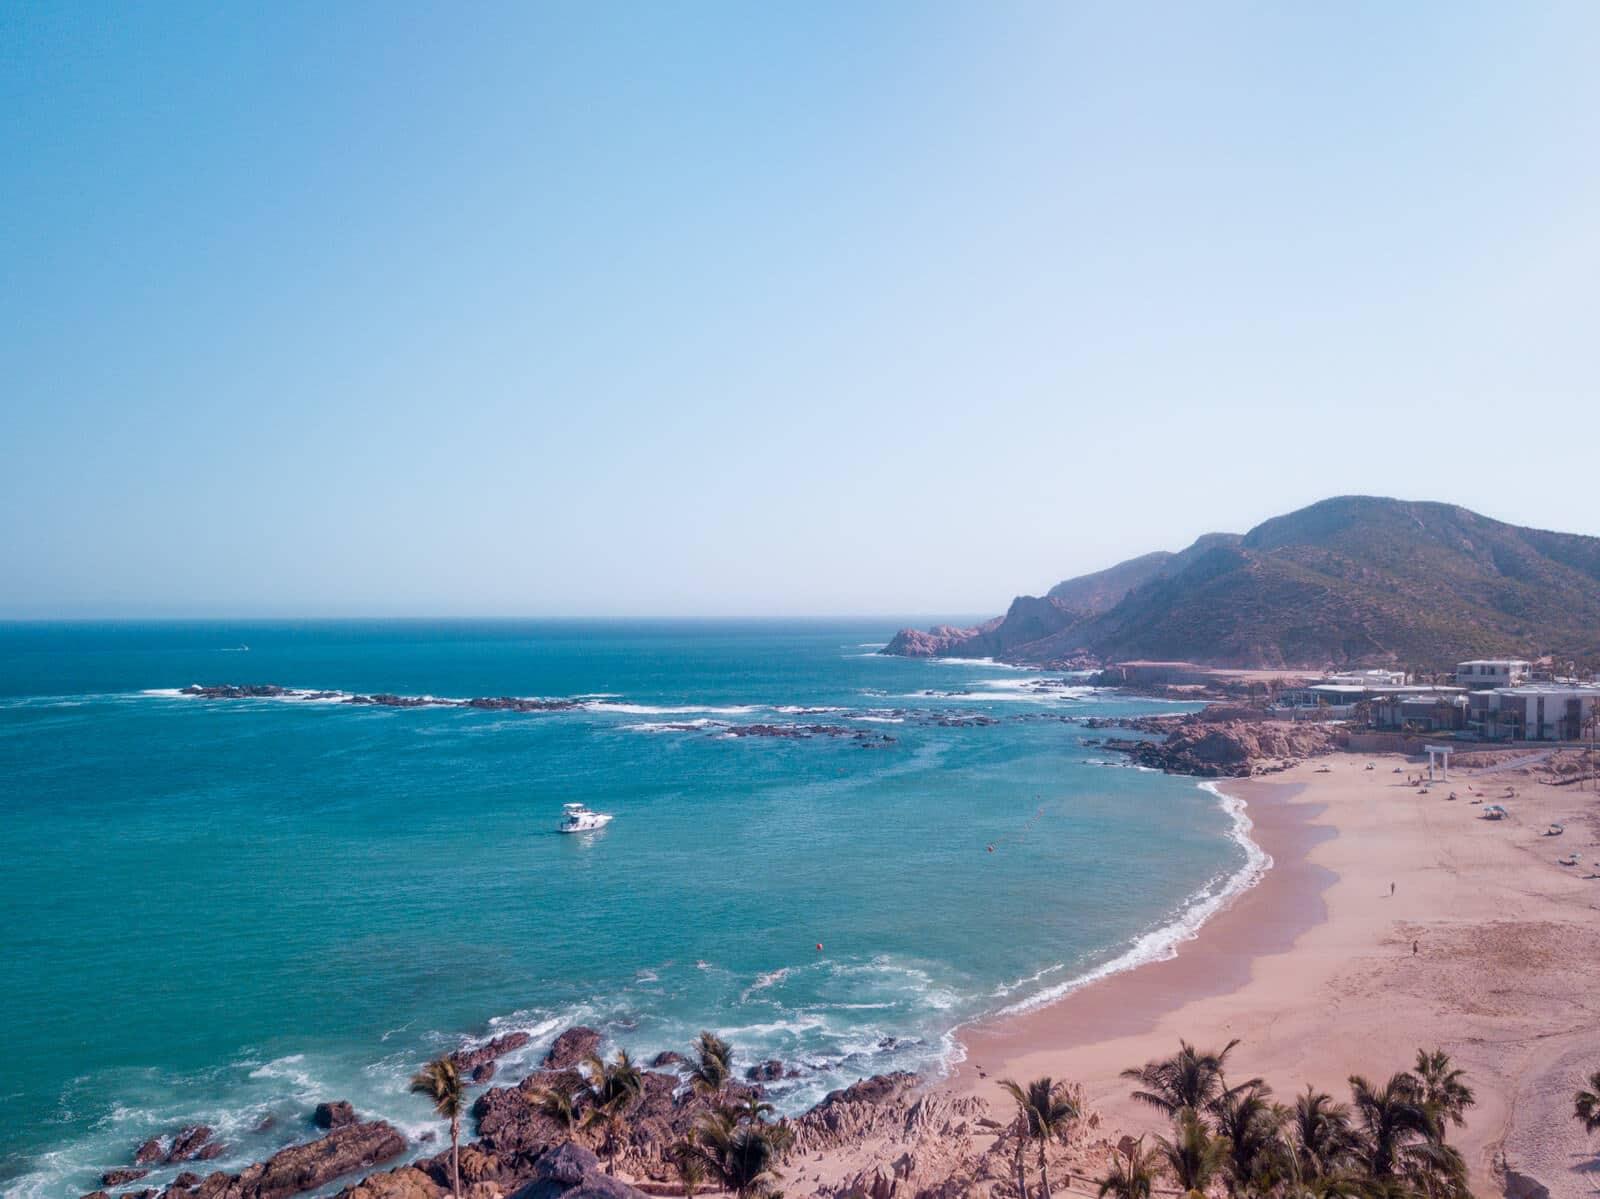 Chileno Bay, Cabo San Lucas